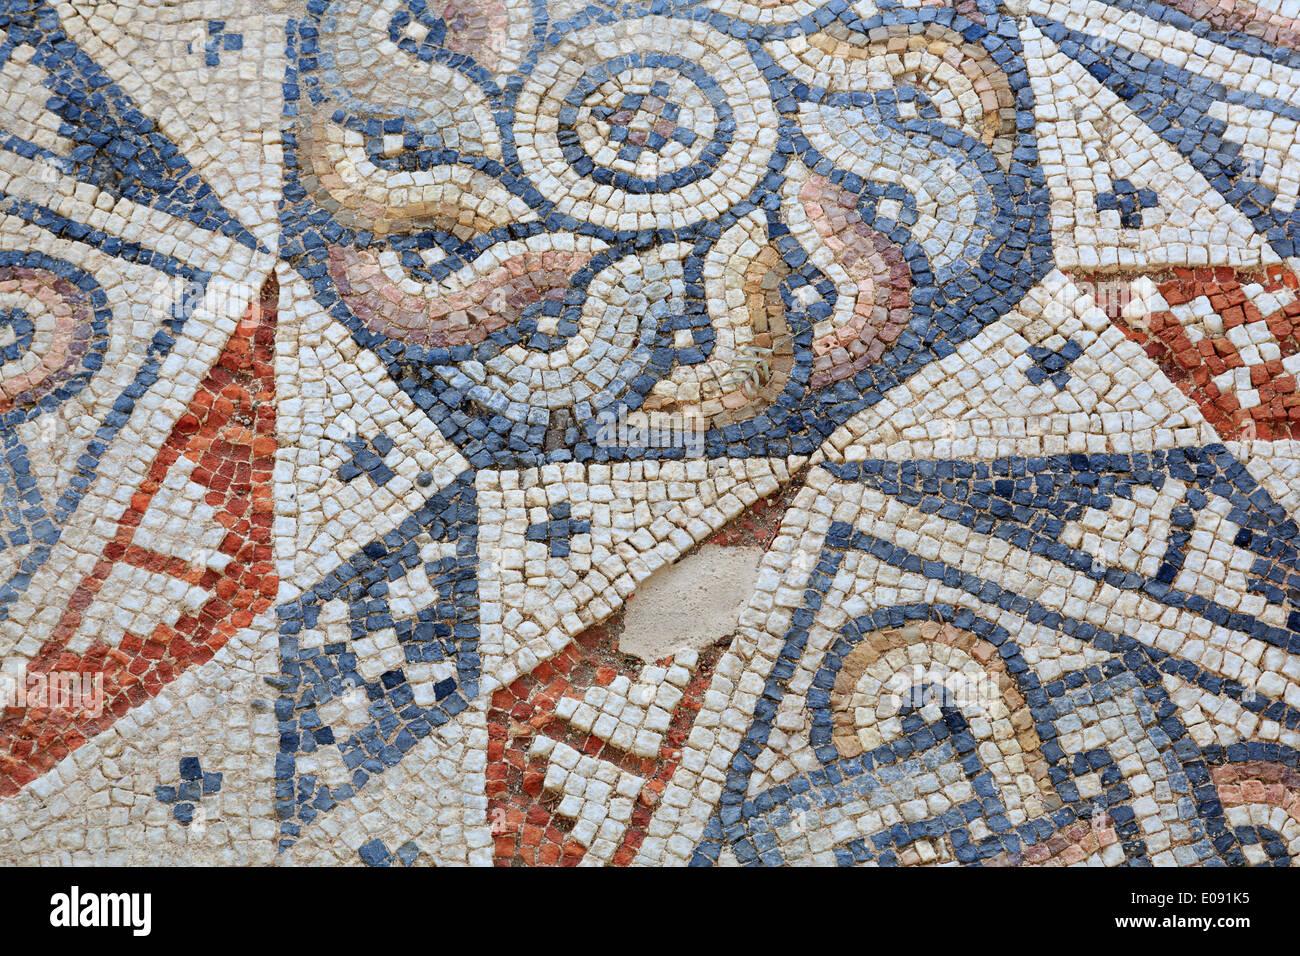 mosaic castle stock photos & mosaic castle stock images - alamy